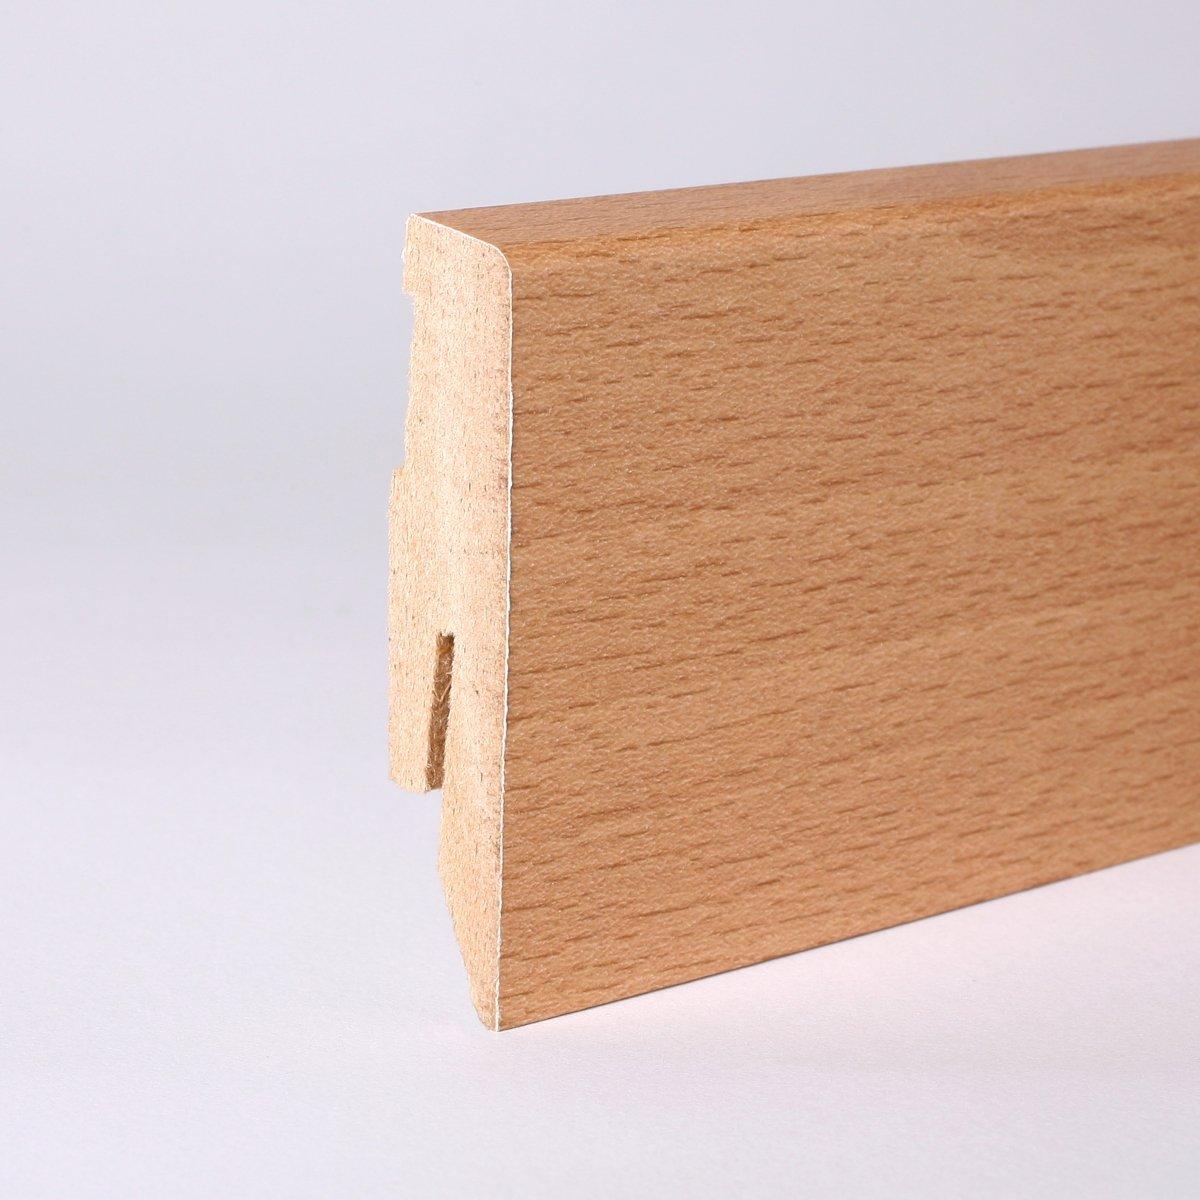 25m Sockelleisten 60mm All Inclusive Paket Buche natur  BaumarktKundenbewertung und weitere Informationen